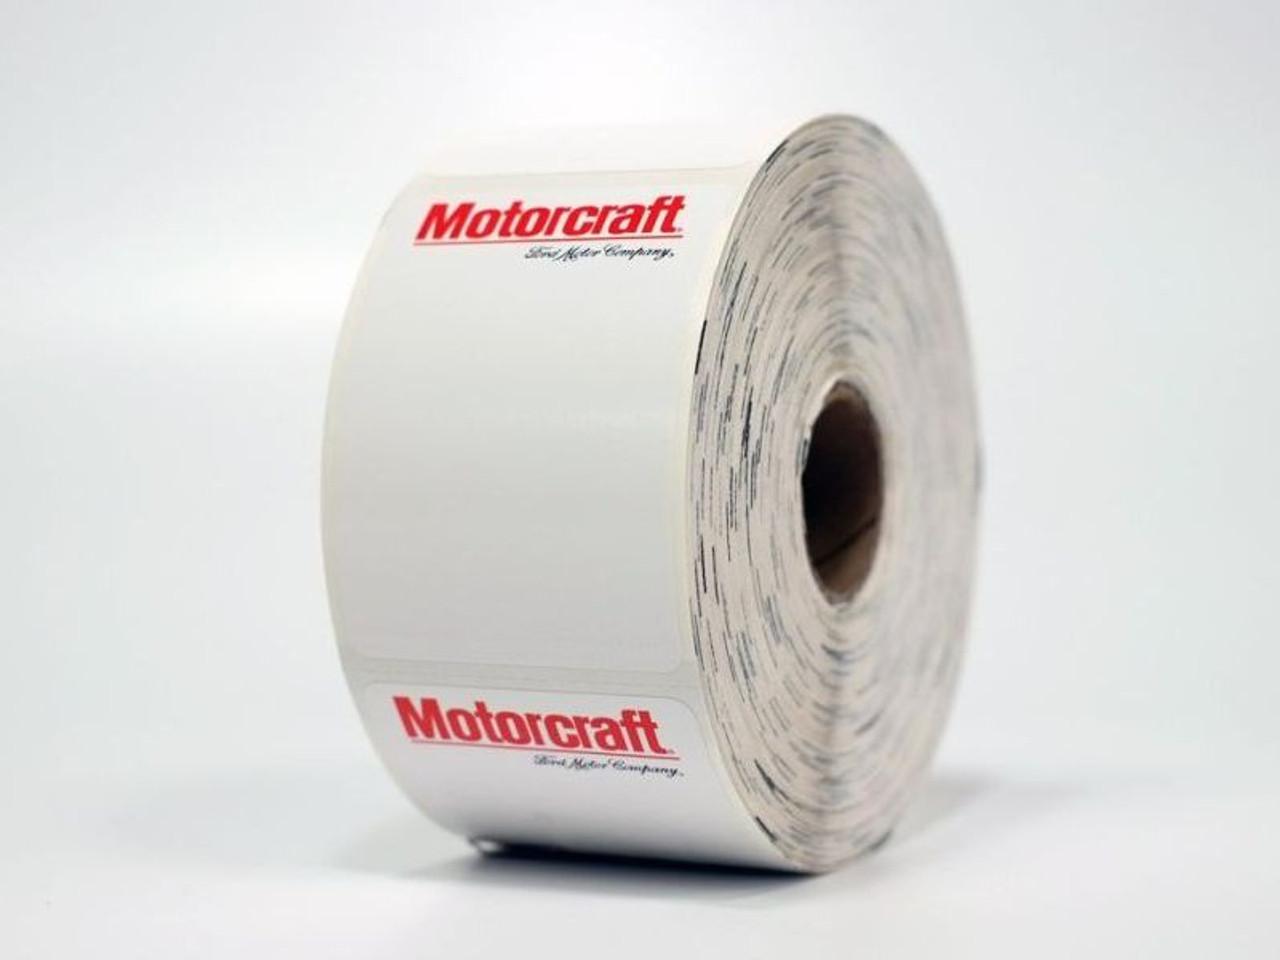 Motorcraft Oil Change Sticker - Printer